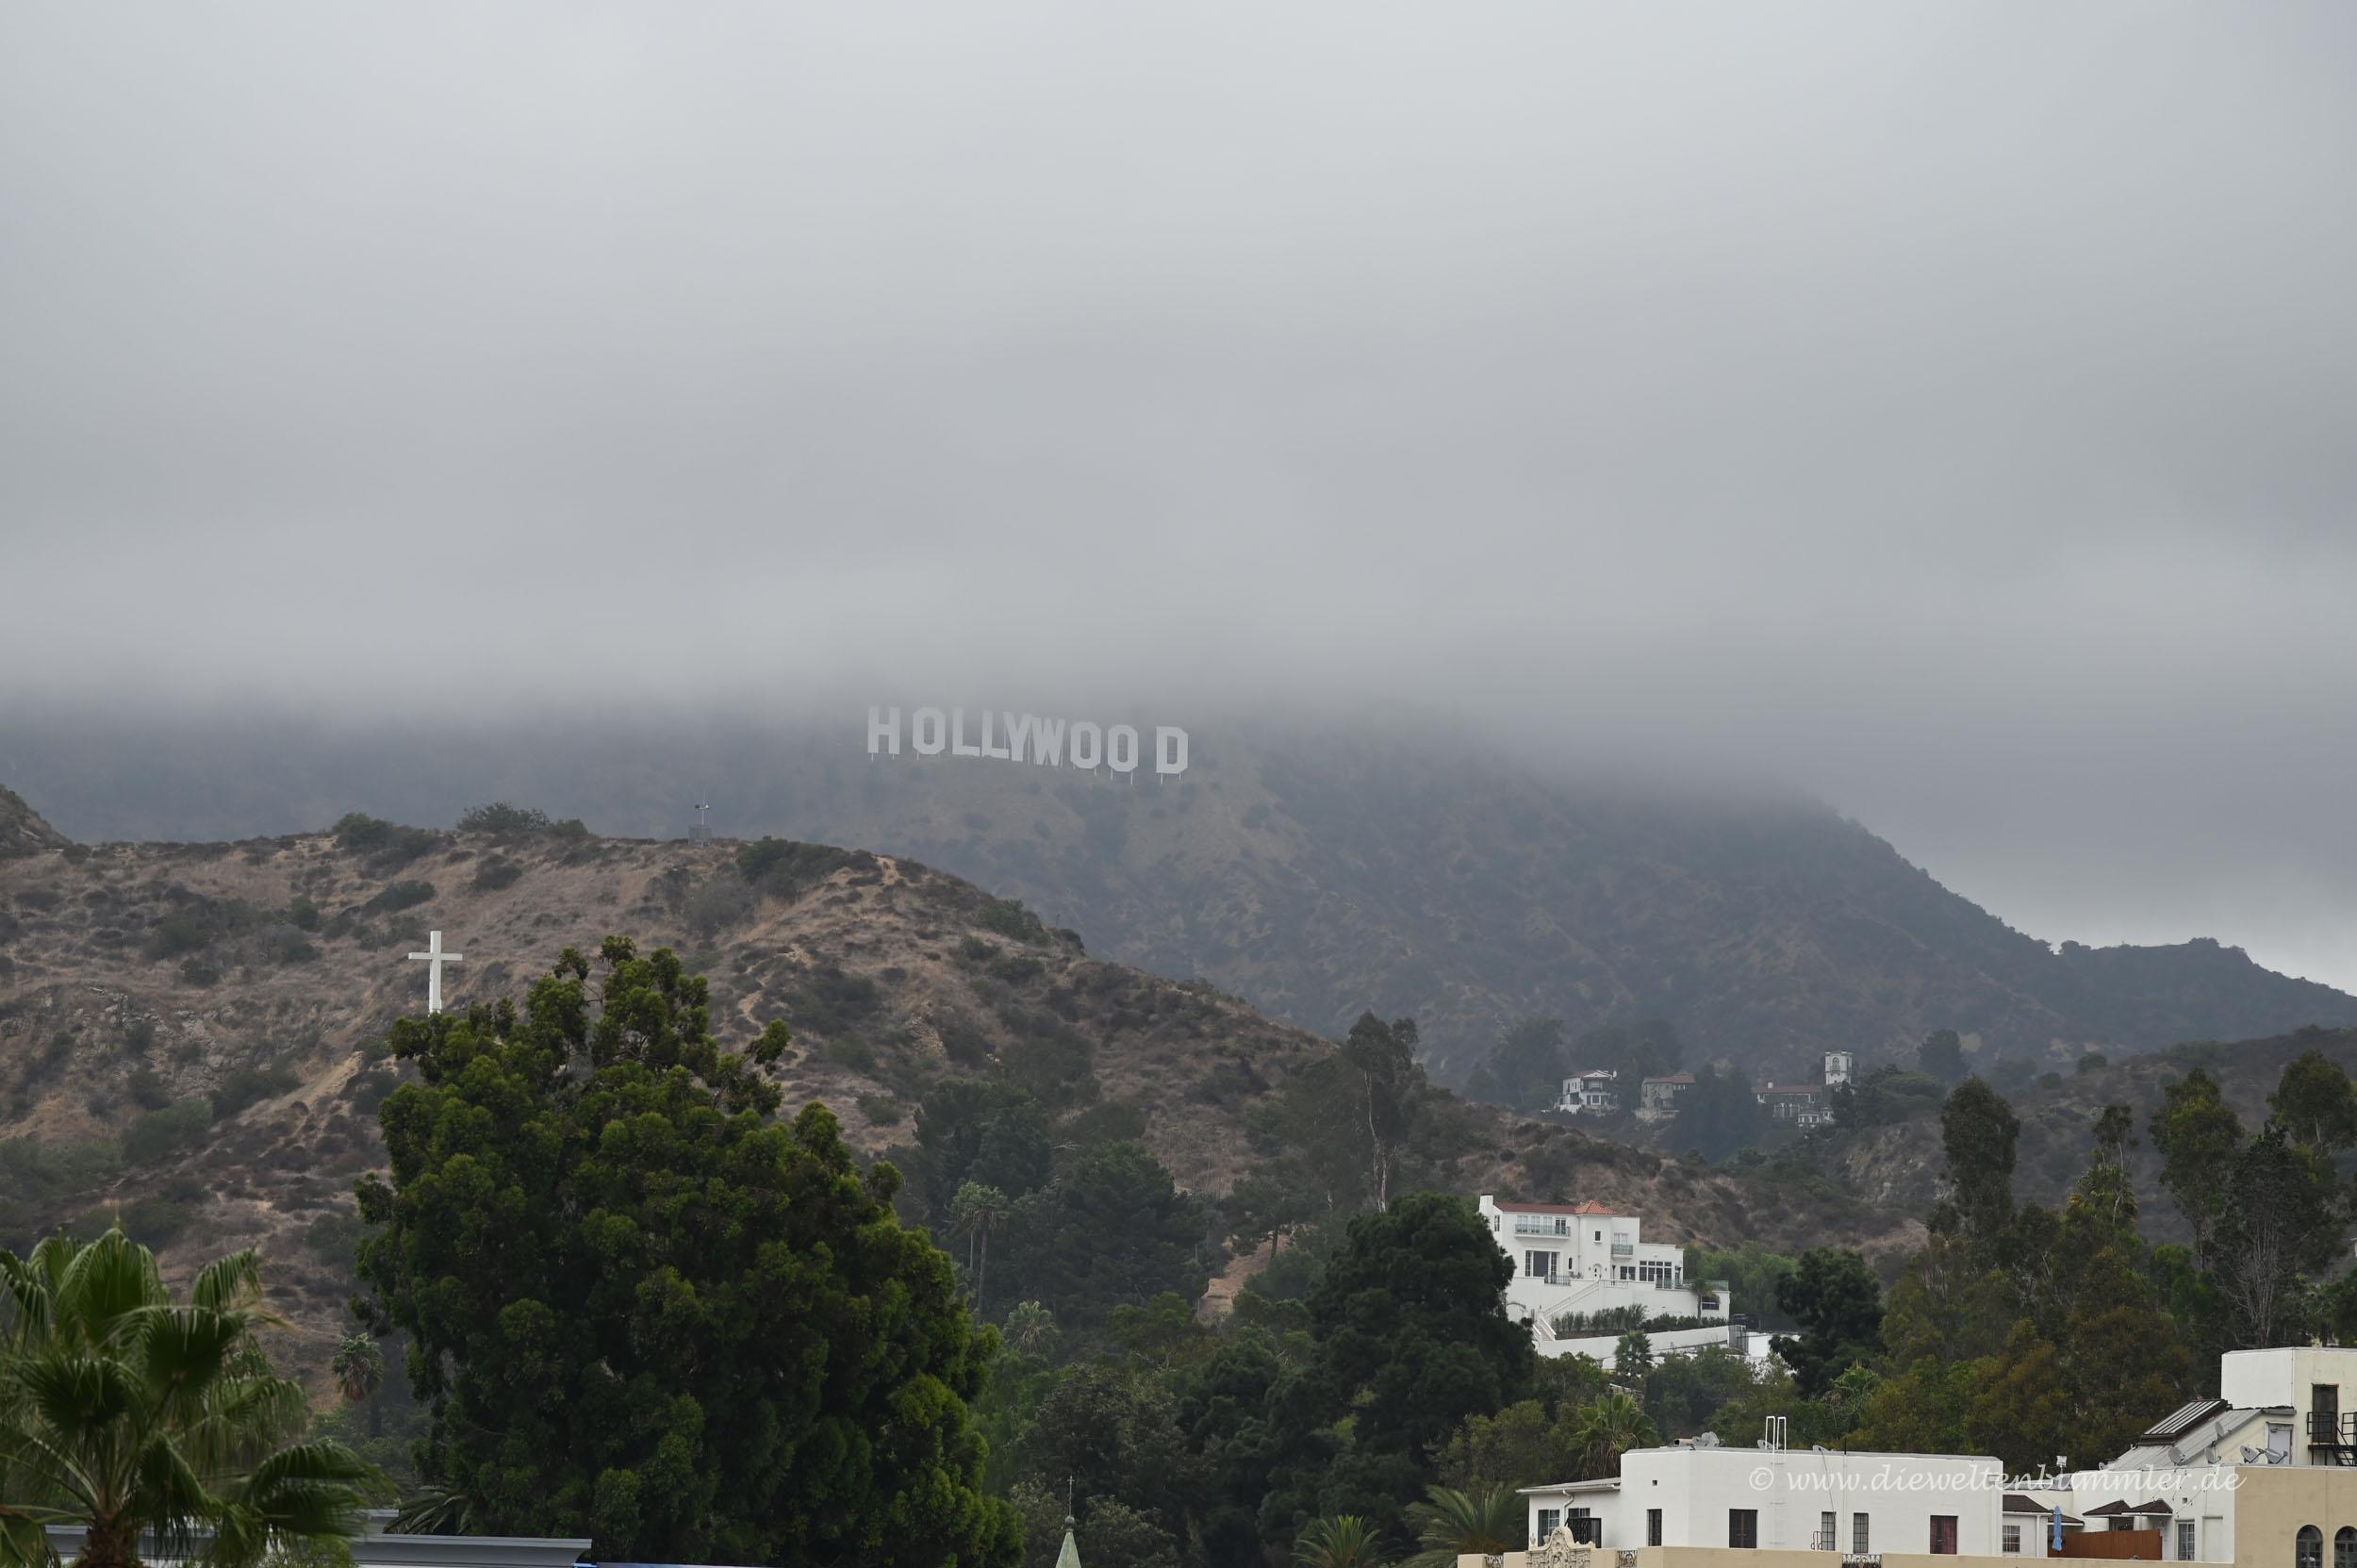 Hollywood-Schriftzug im Nebel